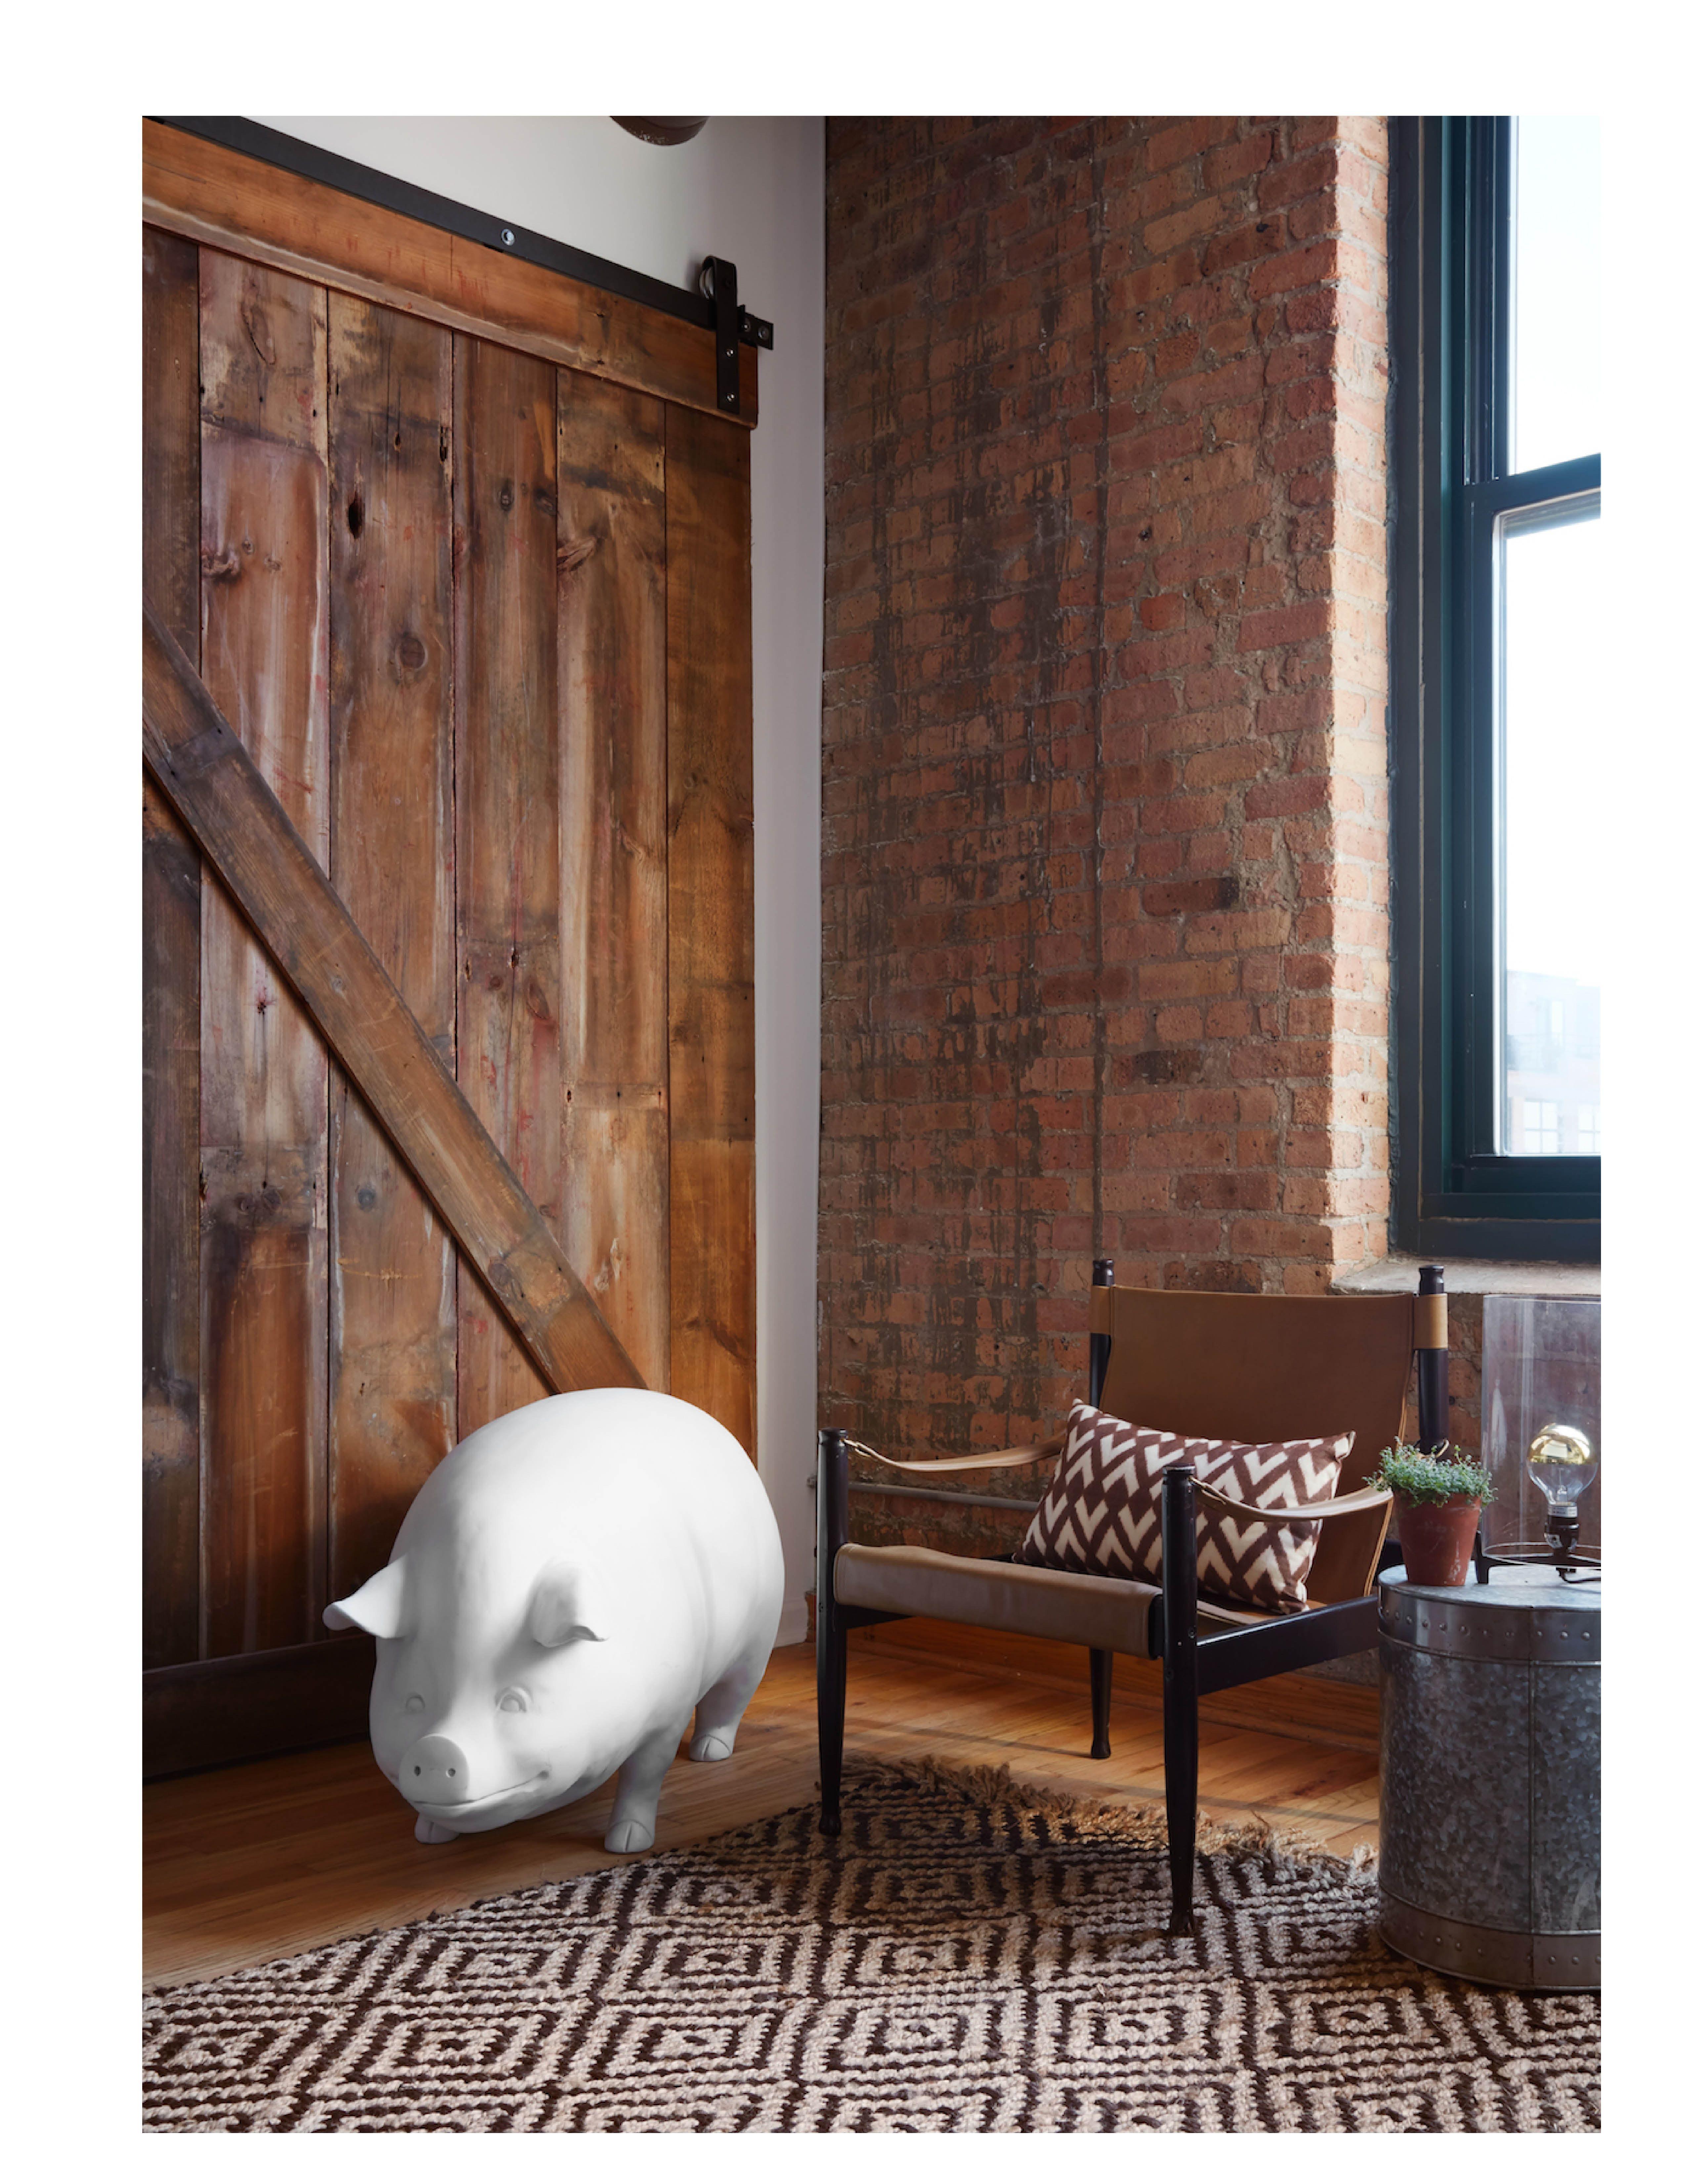 West Loop Modern Rustic Loft | Rustic loft, Rustic bedroom ...